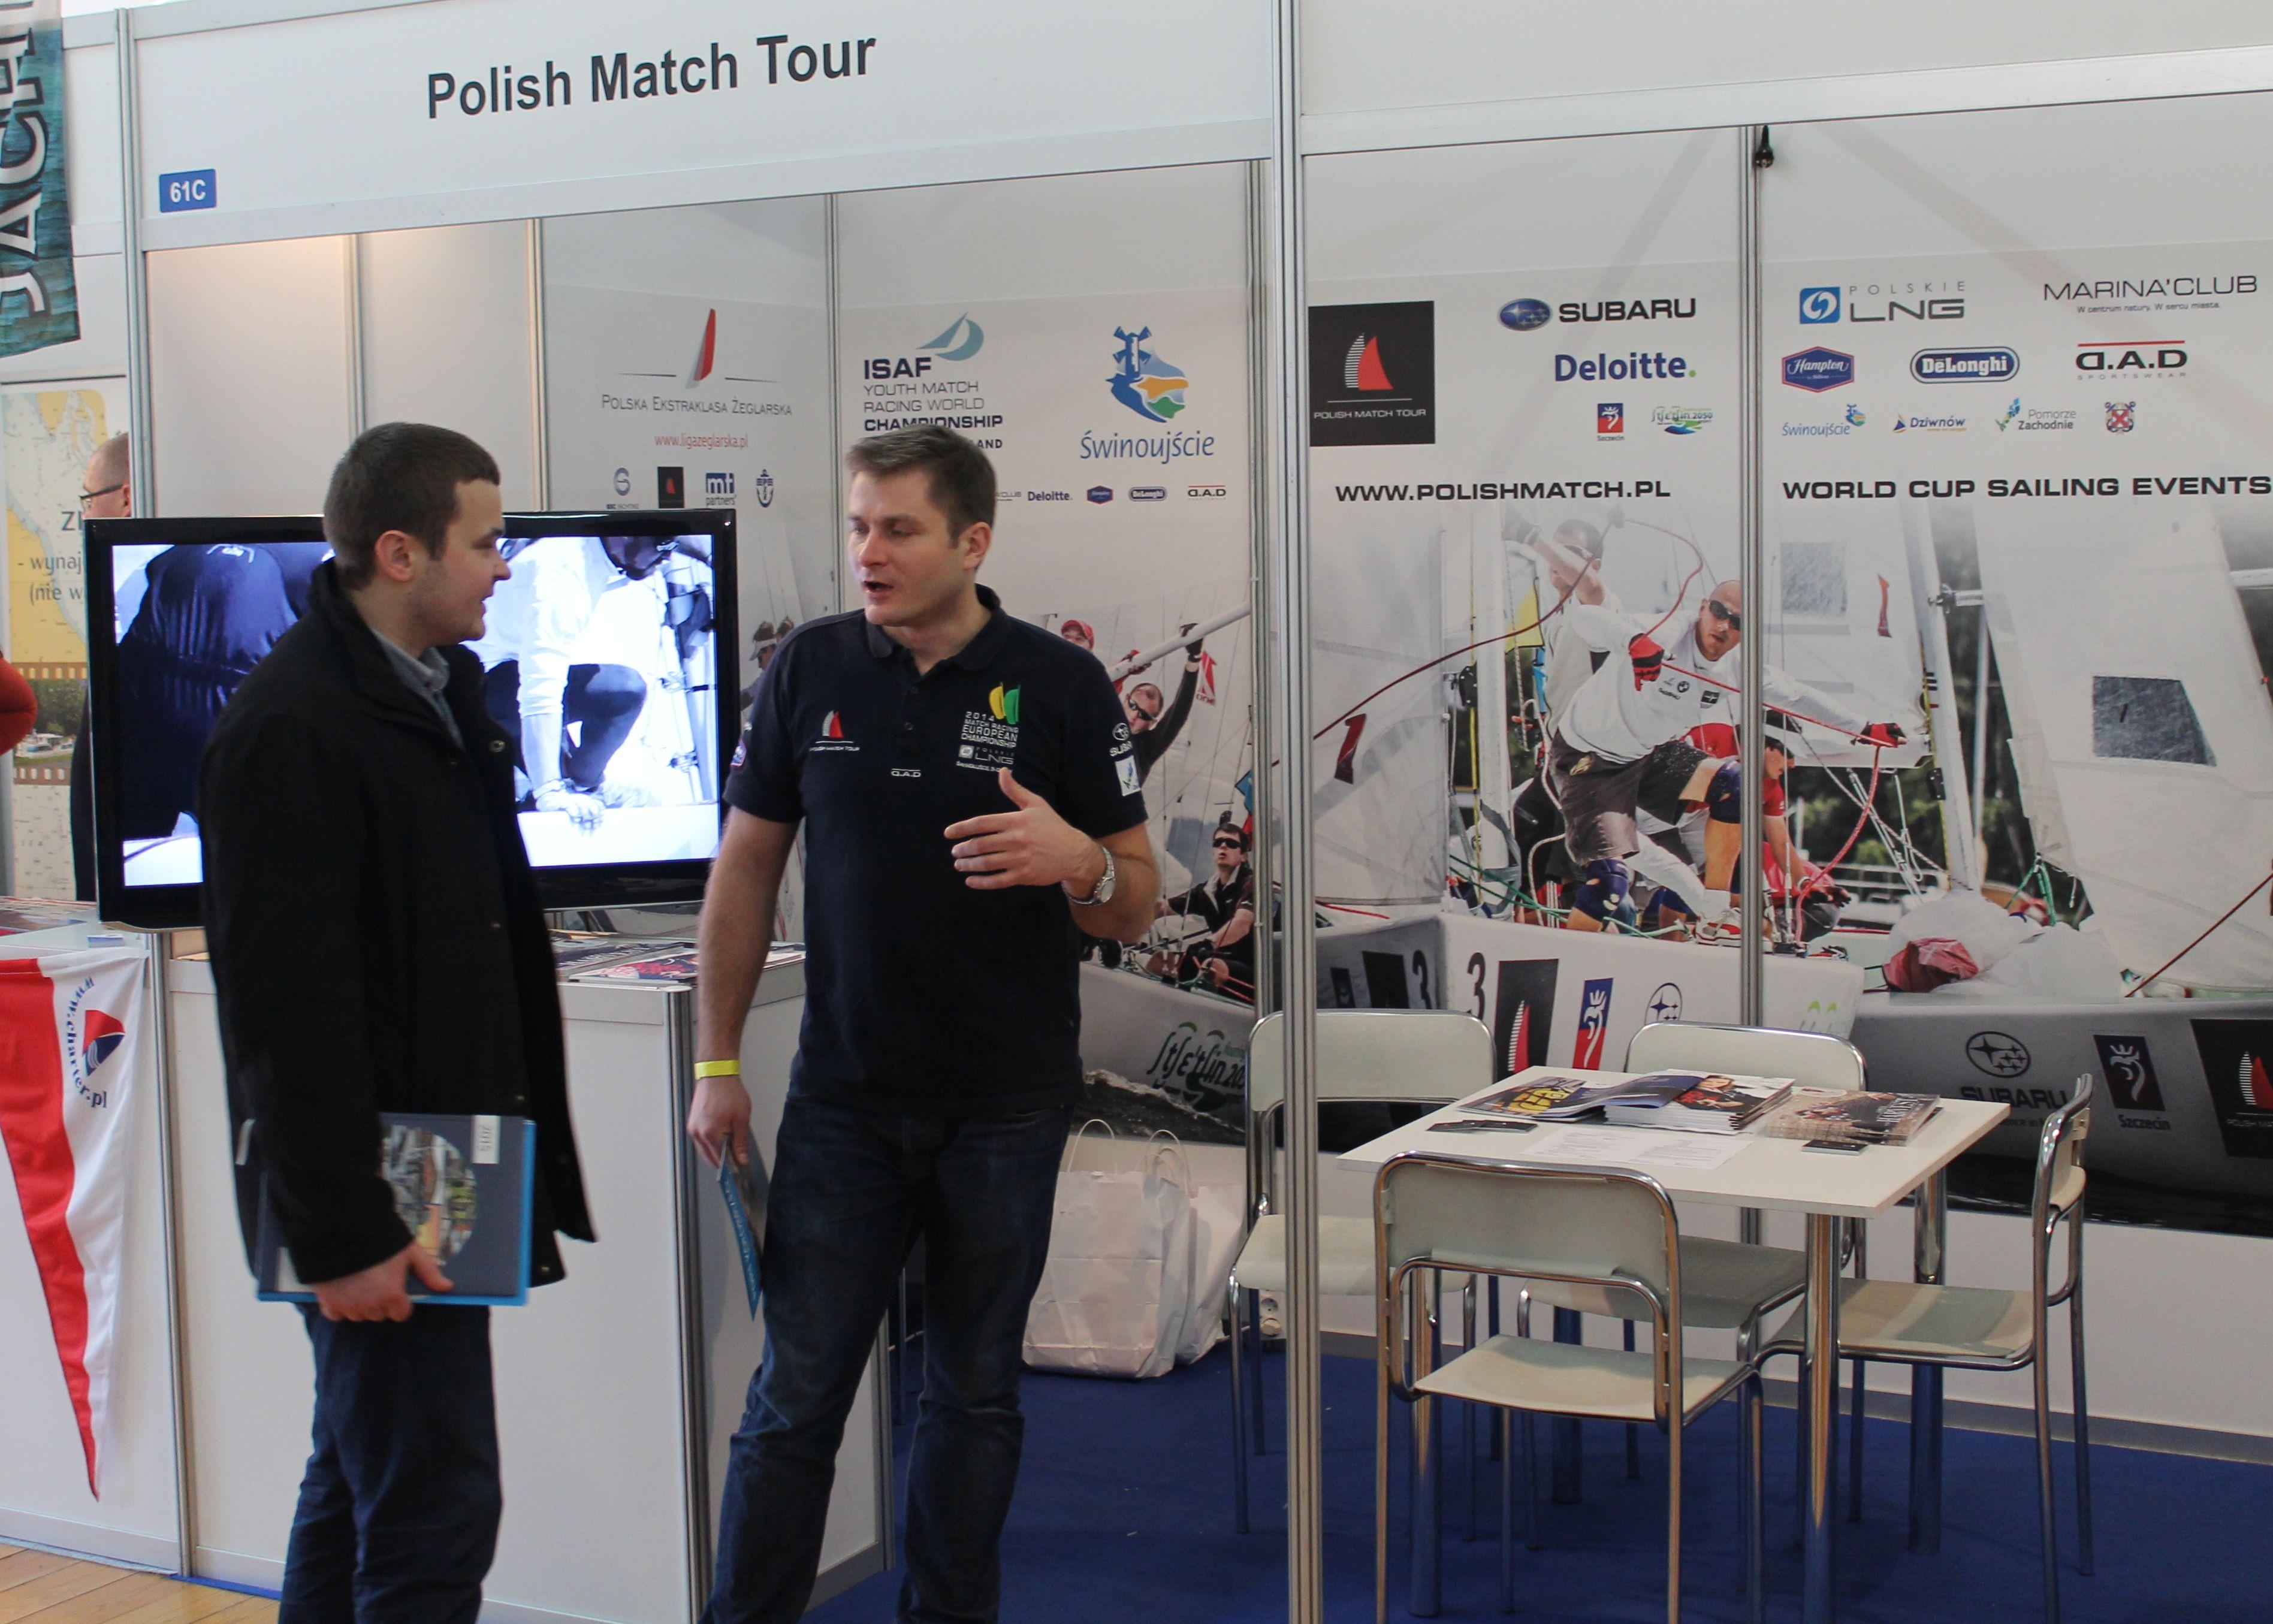 Polish Match Tour na Pomorzu Zachodnim potwierdza u Filipa Gruszczyńskiego Wiktor Popiołek z Kołobrzegu